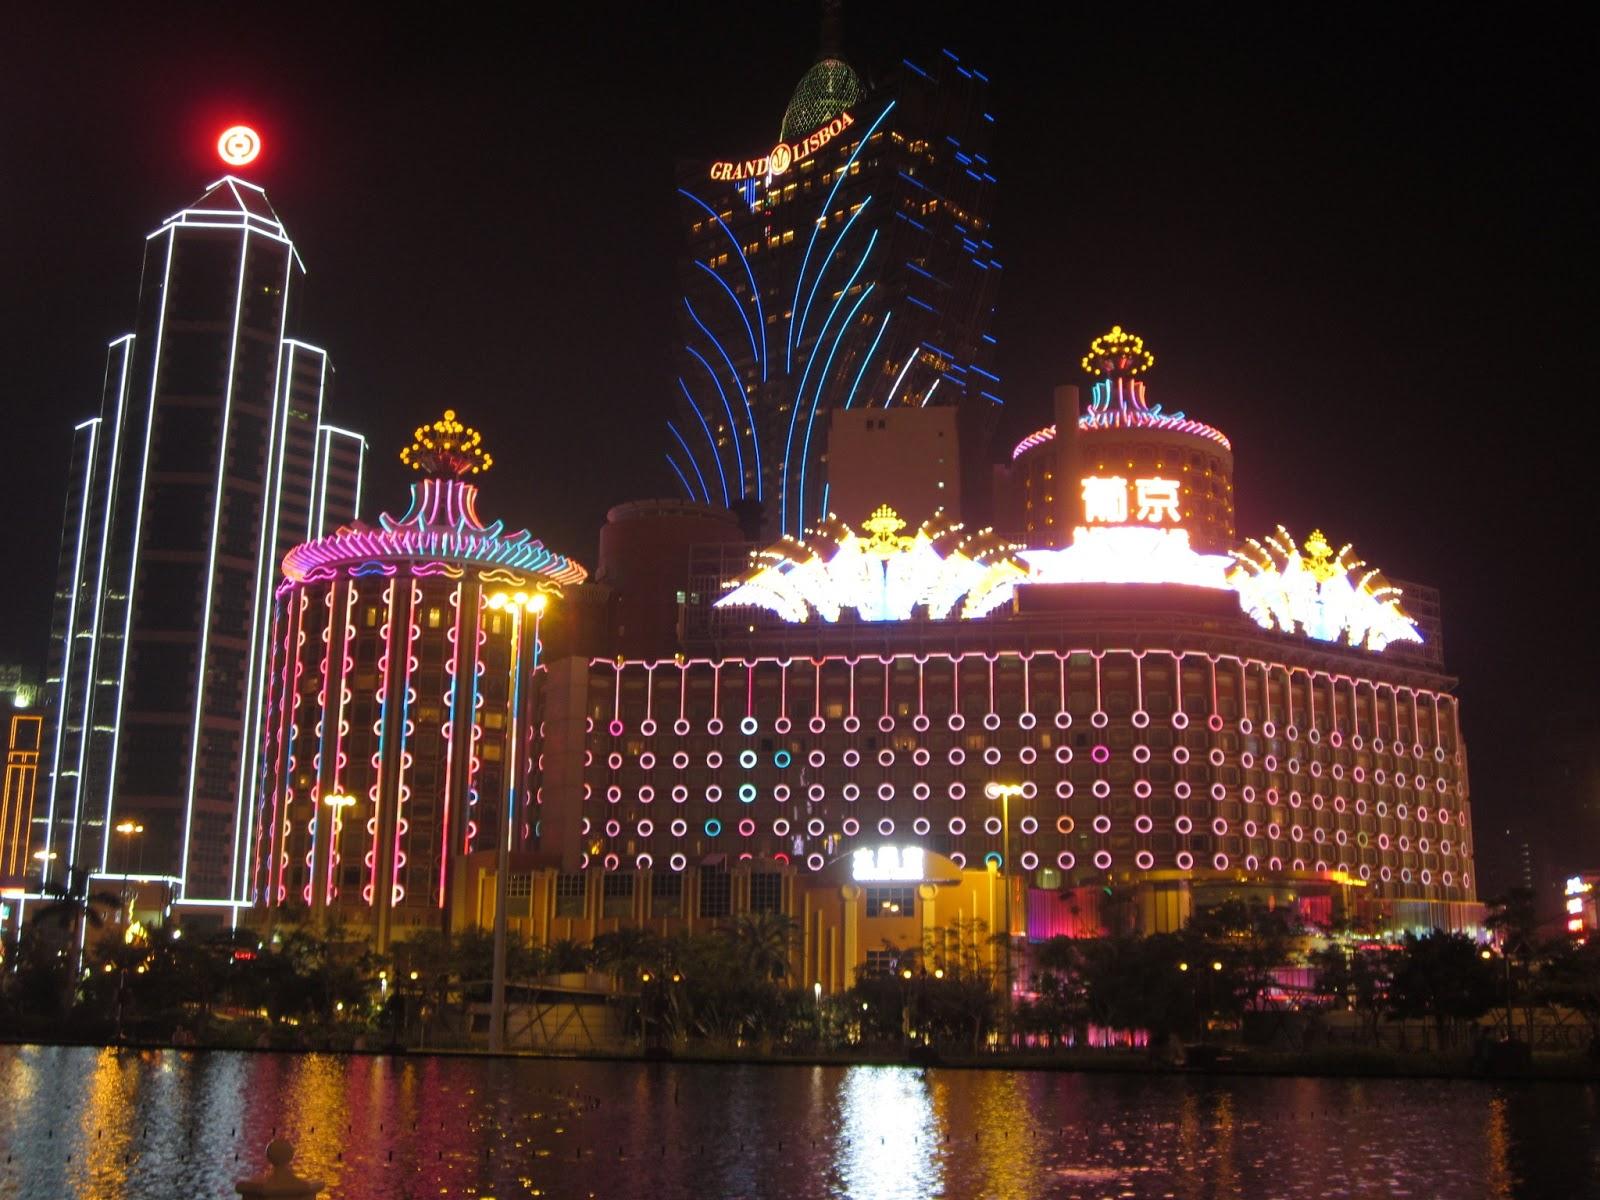 Fóruns casino 315116